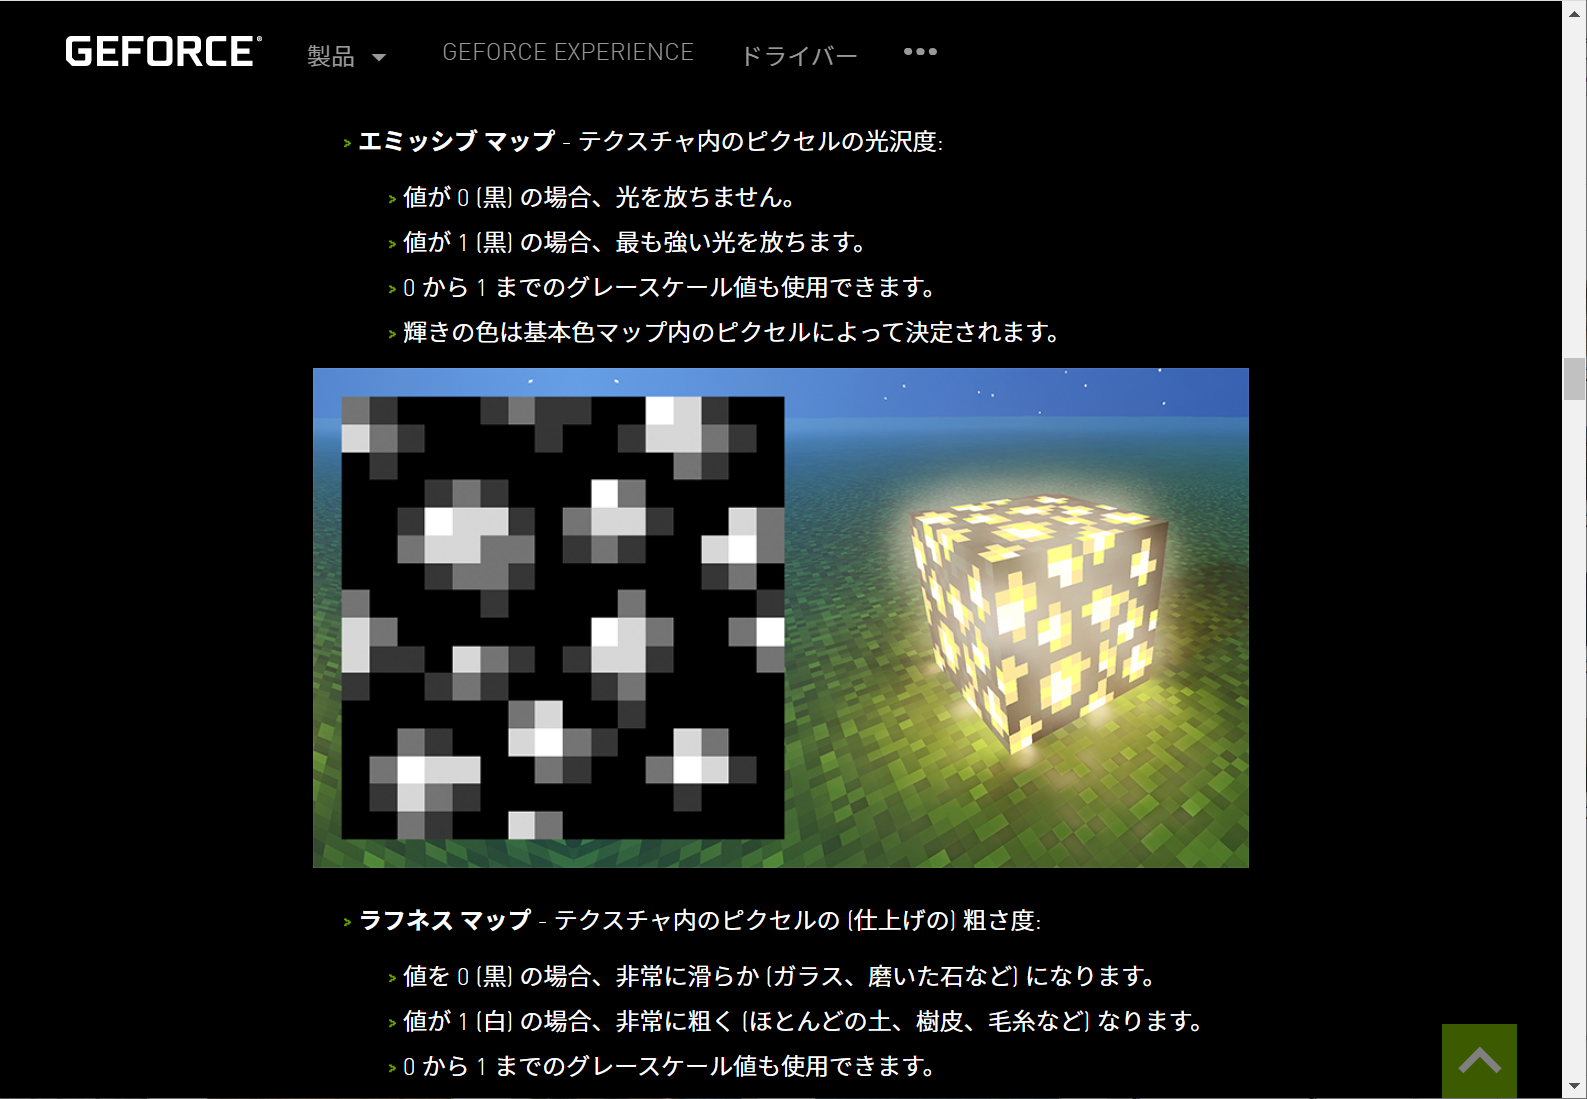 """オリジナルのテクスチャ作成方法については<a href=""""https://www.nvidia.com/ja-jp/geforce/guides/minecraft-rtx-texturing-guide/"""" class=""""deliver_inner_content i"""">NVIDIAのサイト</a>が詳しい"""